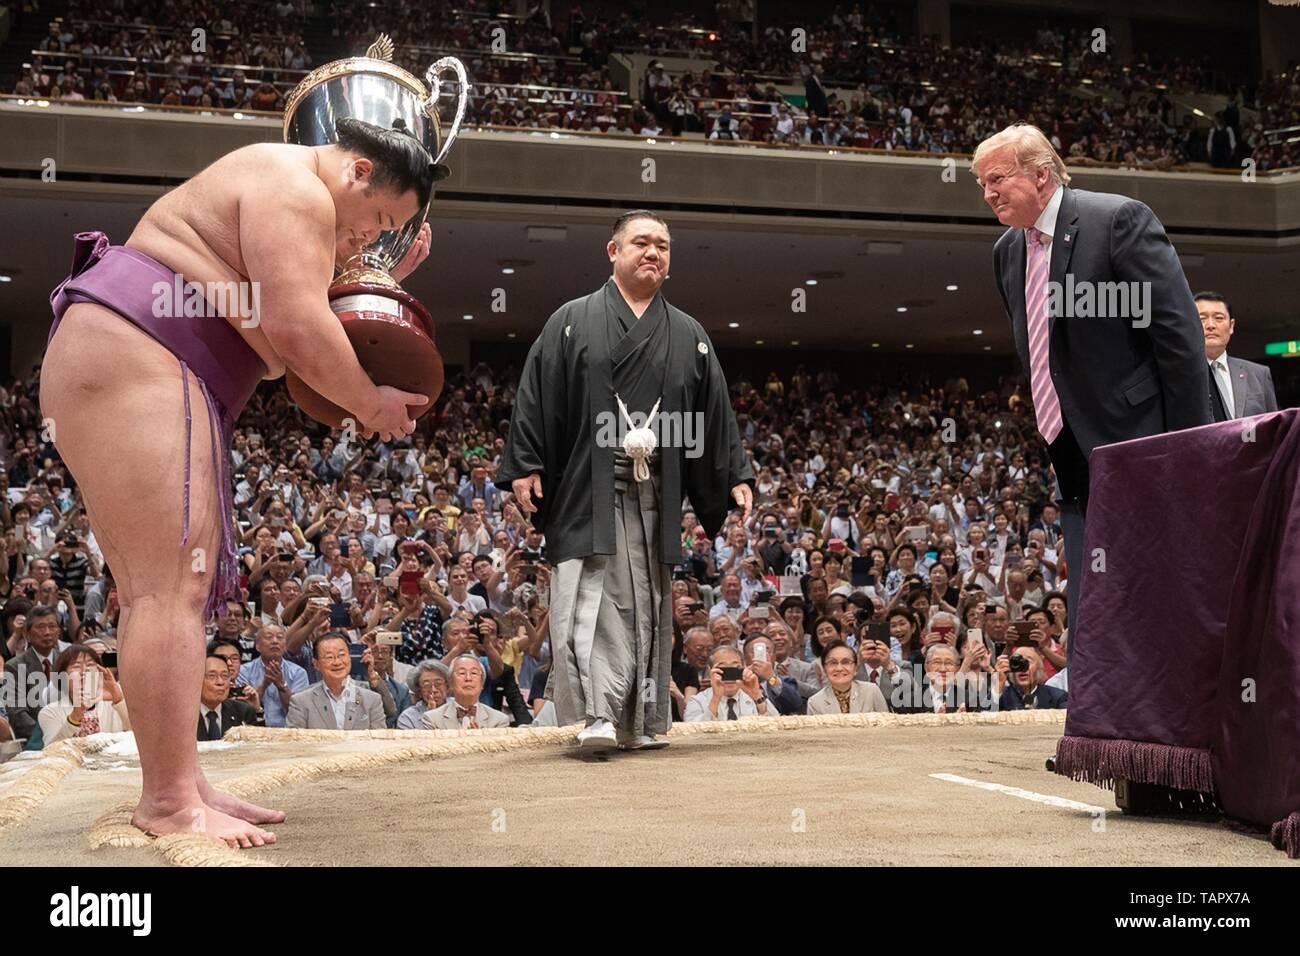 Stati Uniti Presidente Donald Trump si inarca per il Sumo Grand Champion Asanoyama, sinistra, dopo aver presentato a lui con i presidenti Cup al Ryogoku Kokugikan Stadium, 26 maggio 2019 a Tokyo, Giappone. Immagini Stock